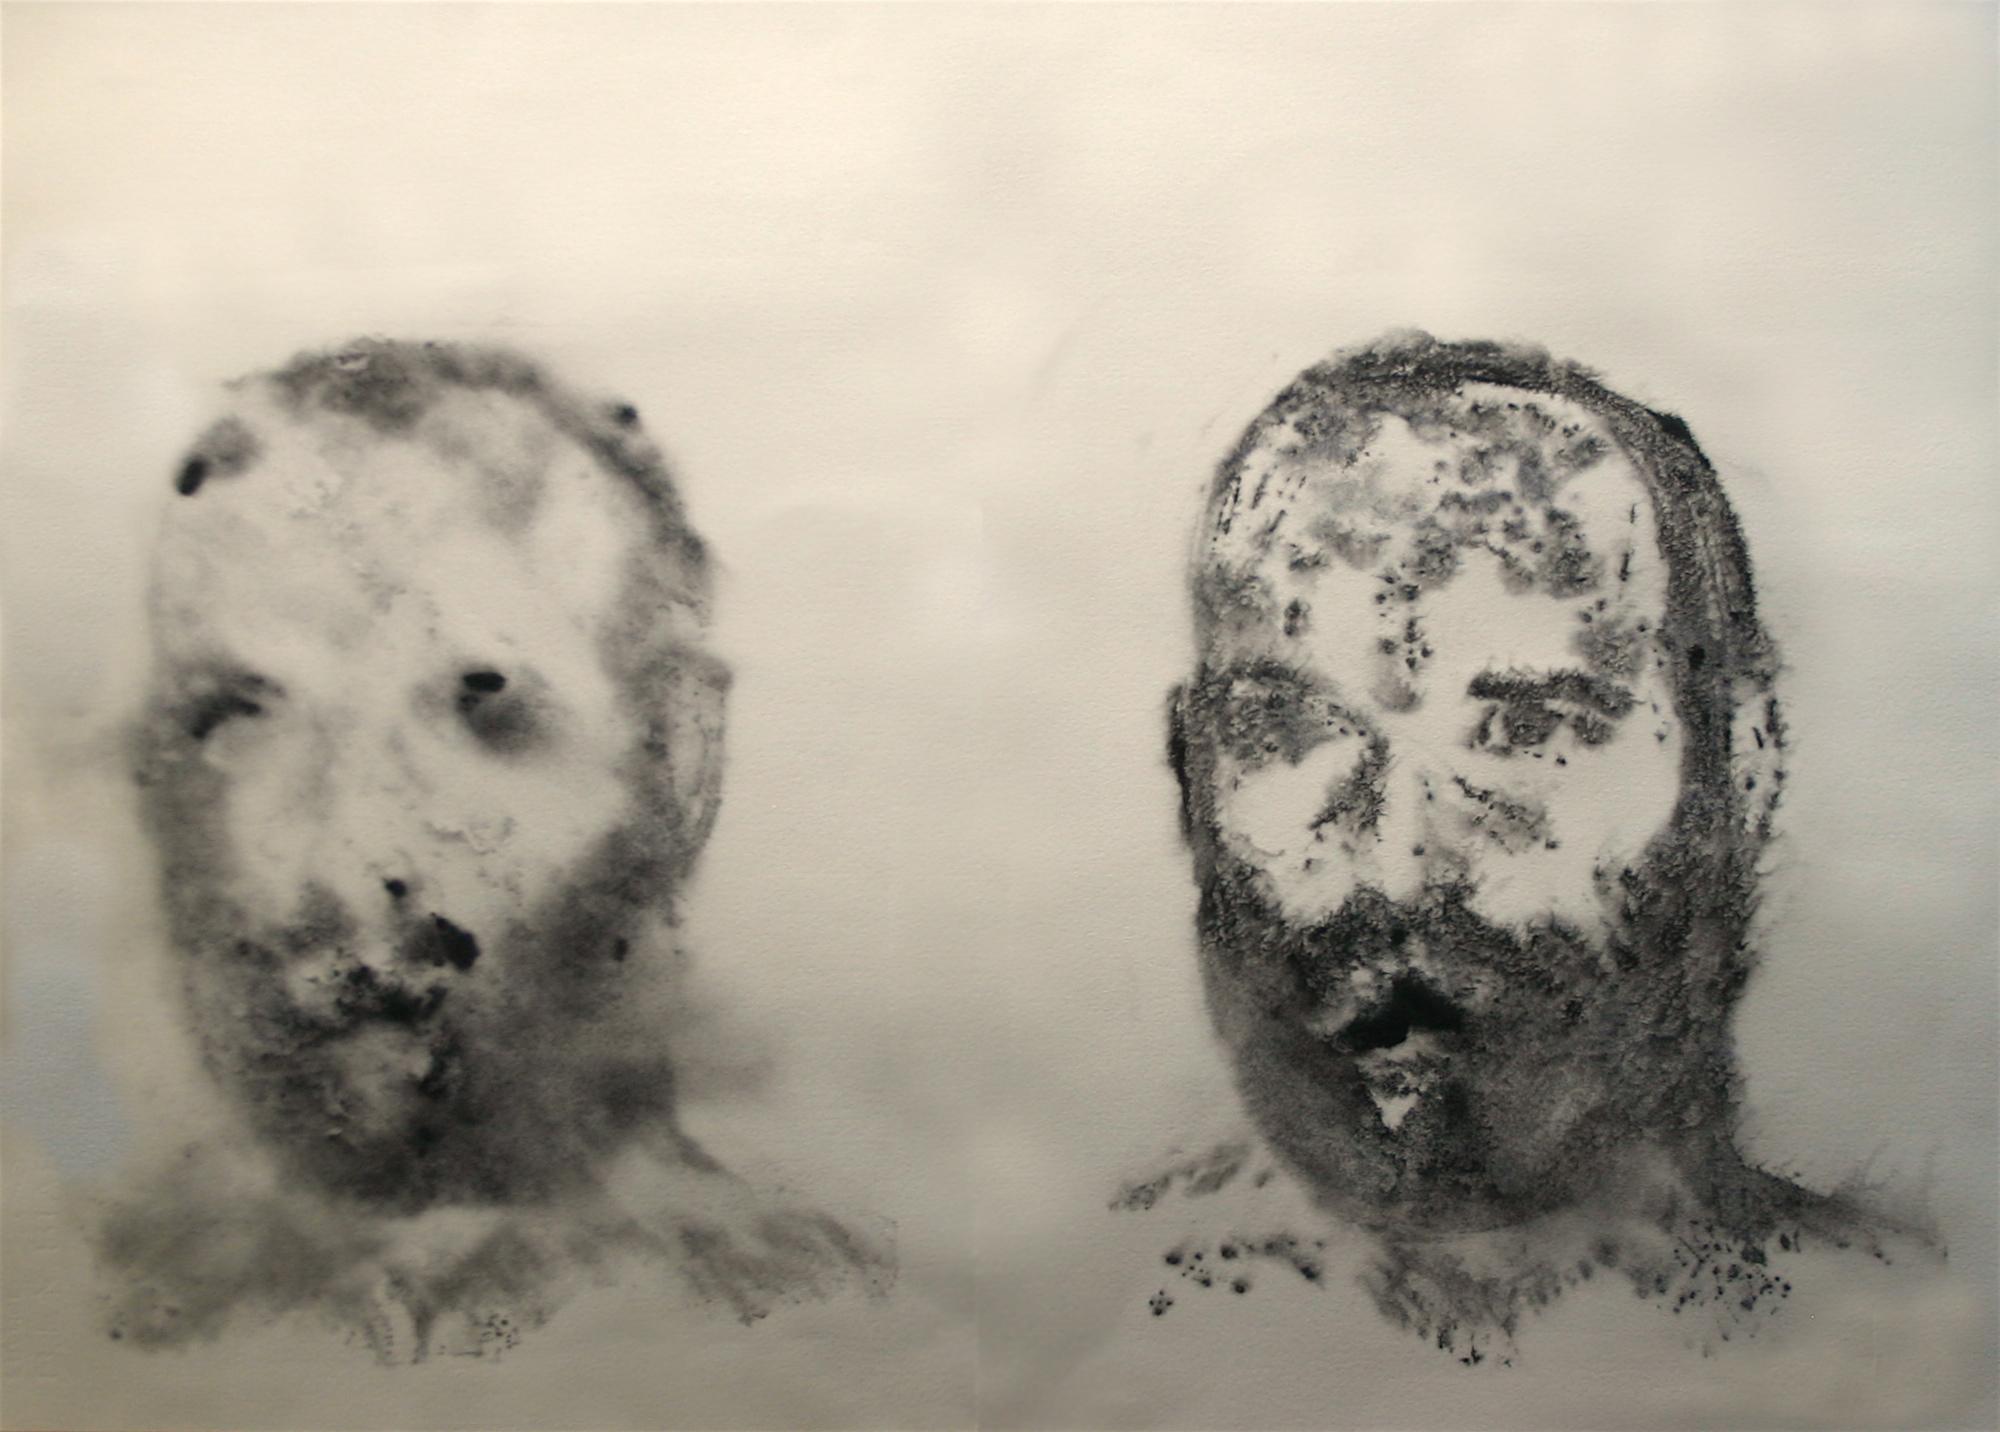 Masaustu Siyah Ve Beyaz Cizim Visual Arts Sanat Tek Renkli